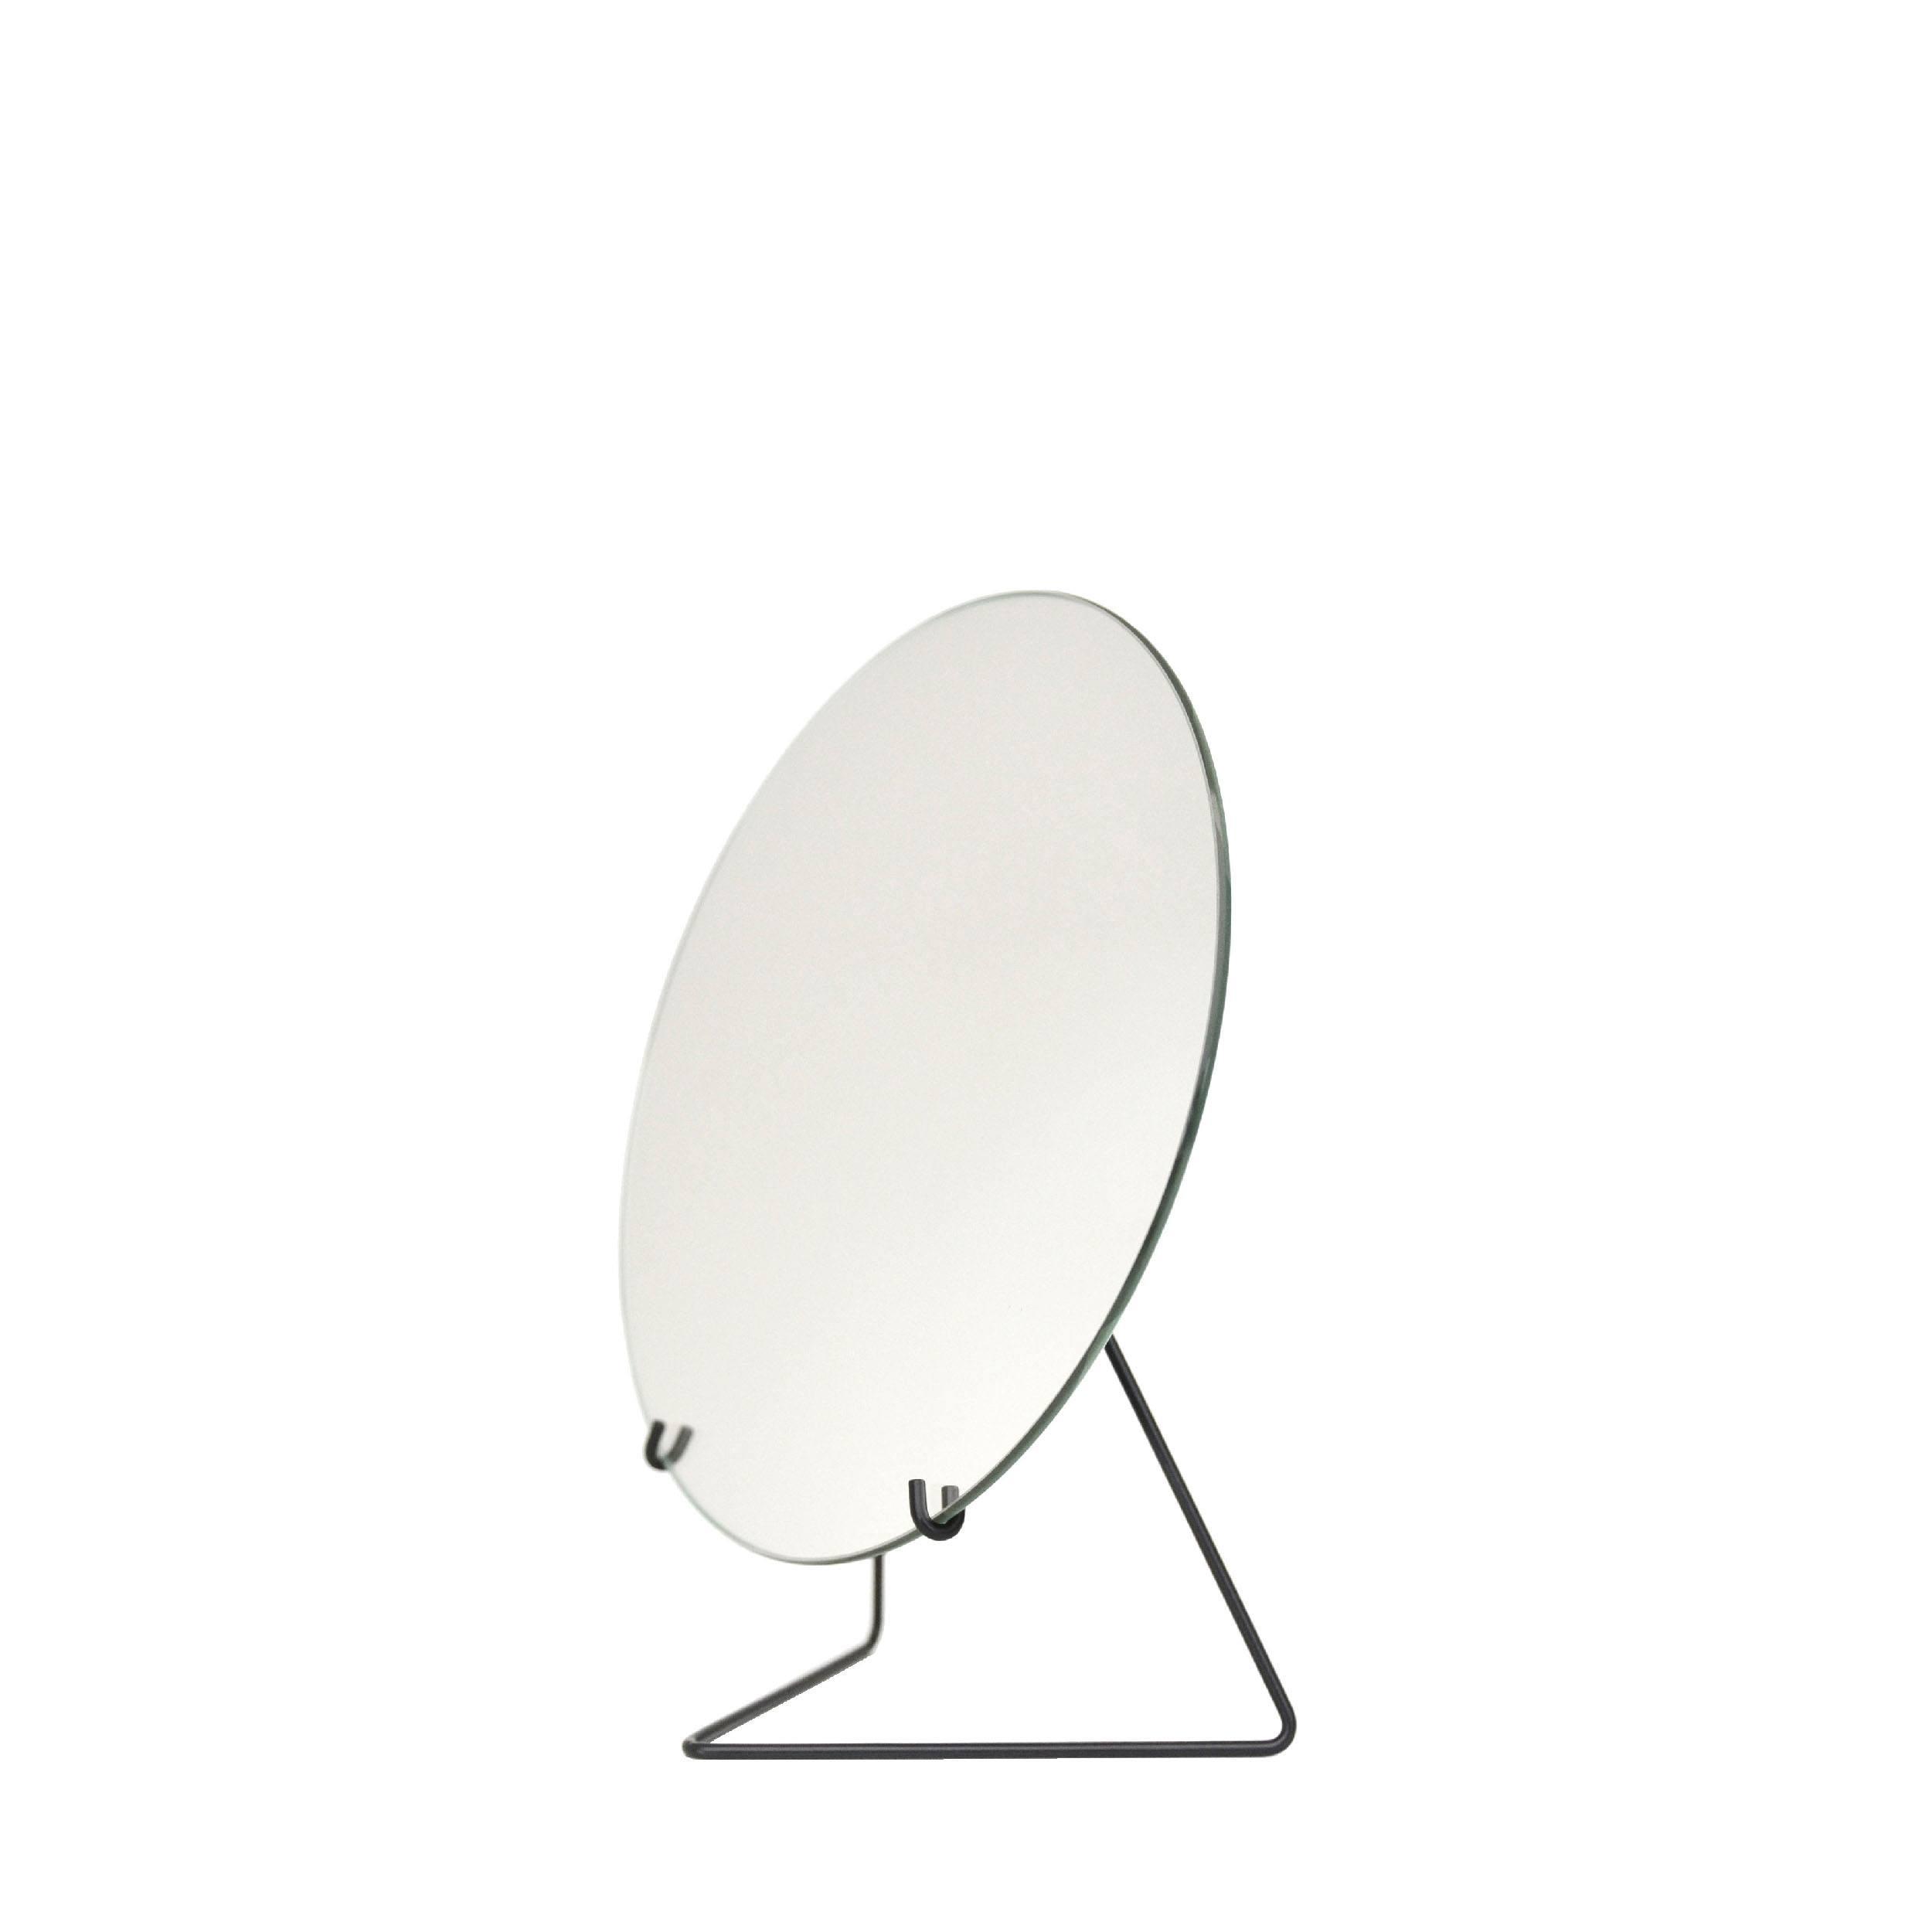 Standing Mirror Spiegel